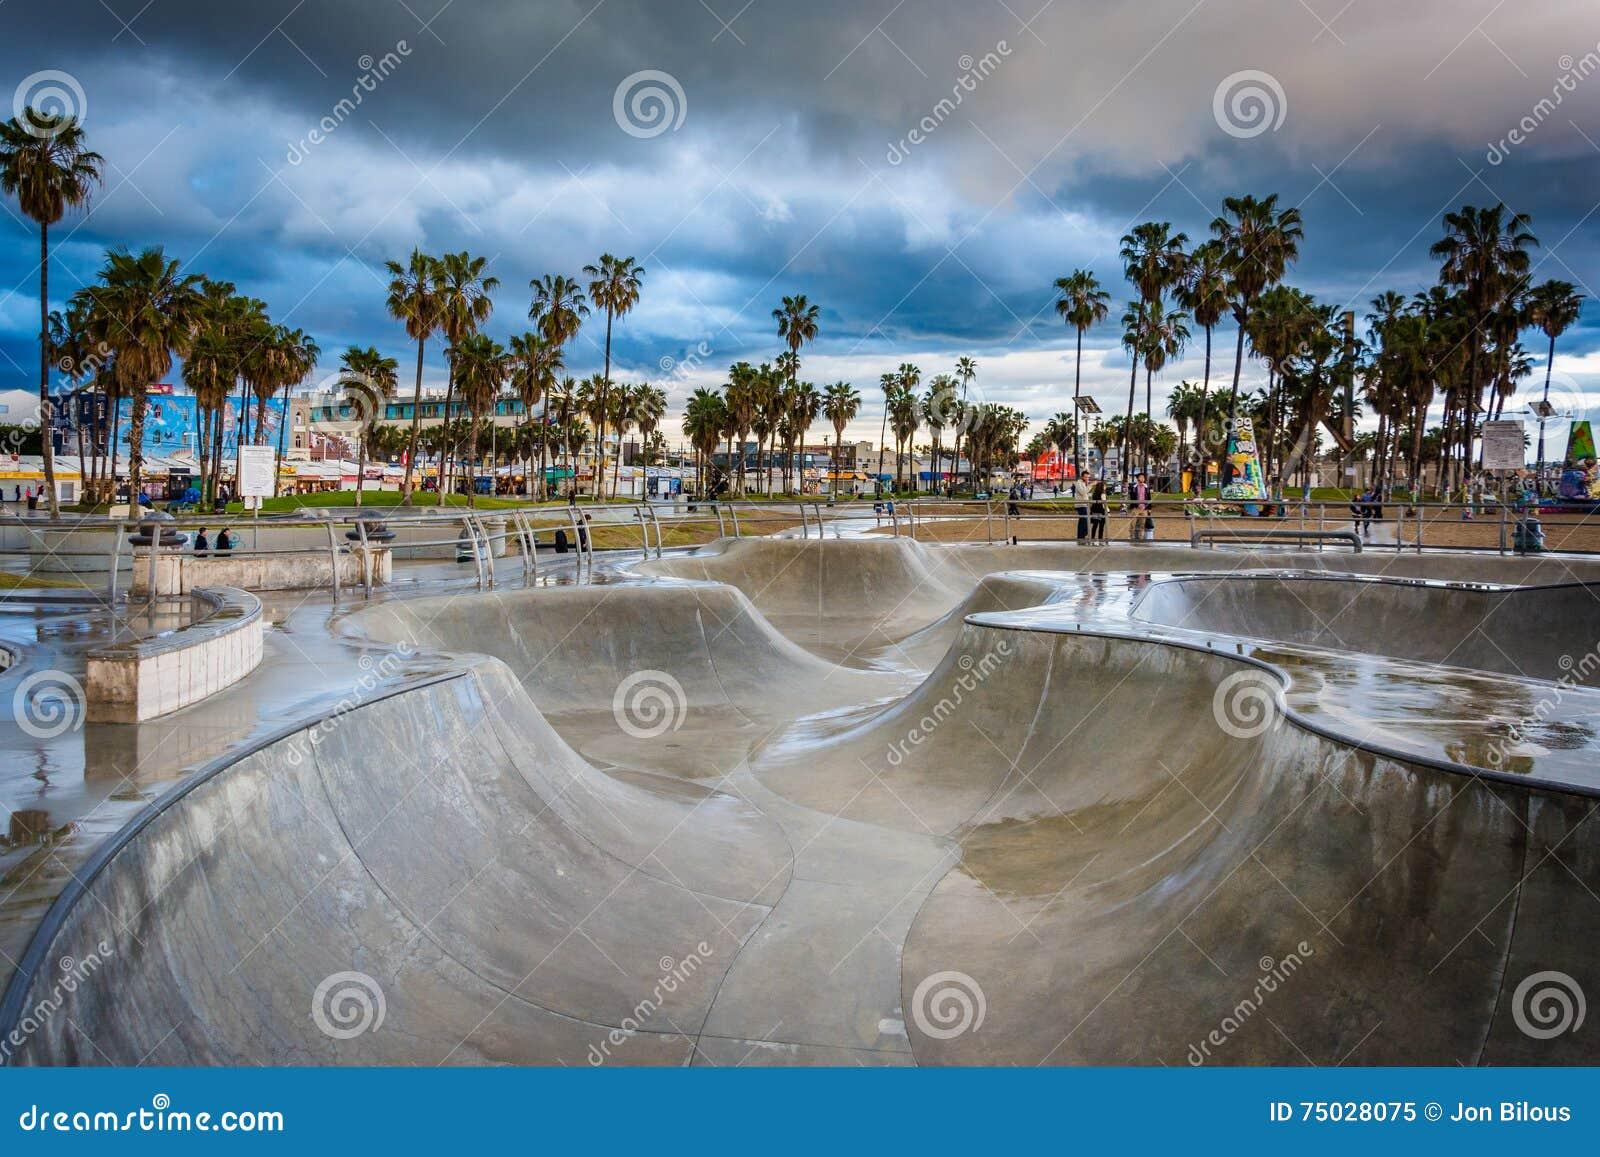 日落的威尼斯冰鞋公园,在威尼斯海滩,洛杉矶, C